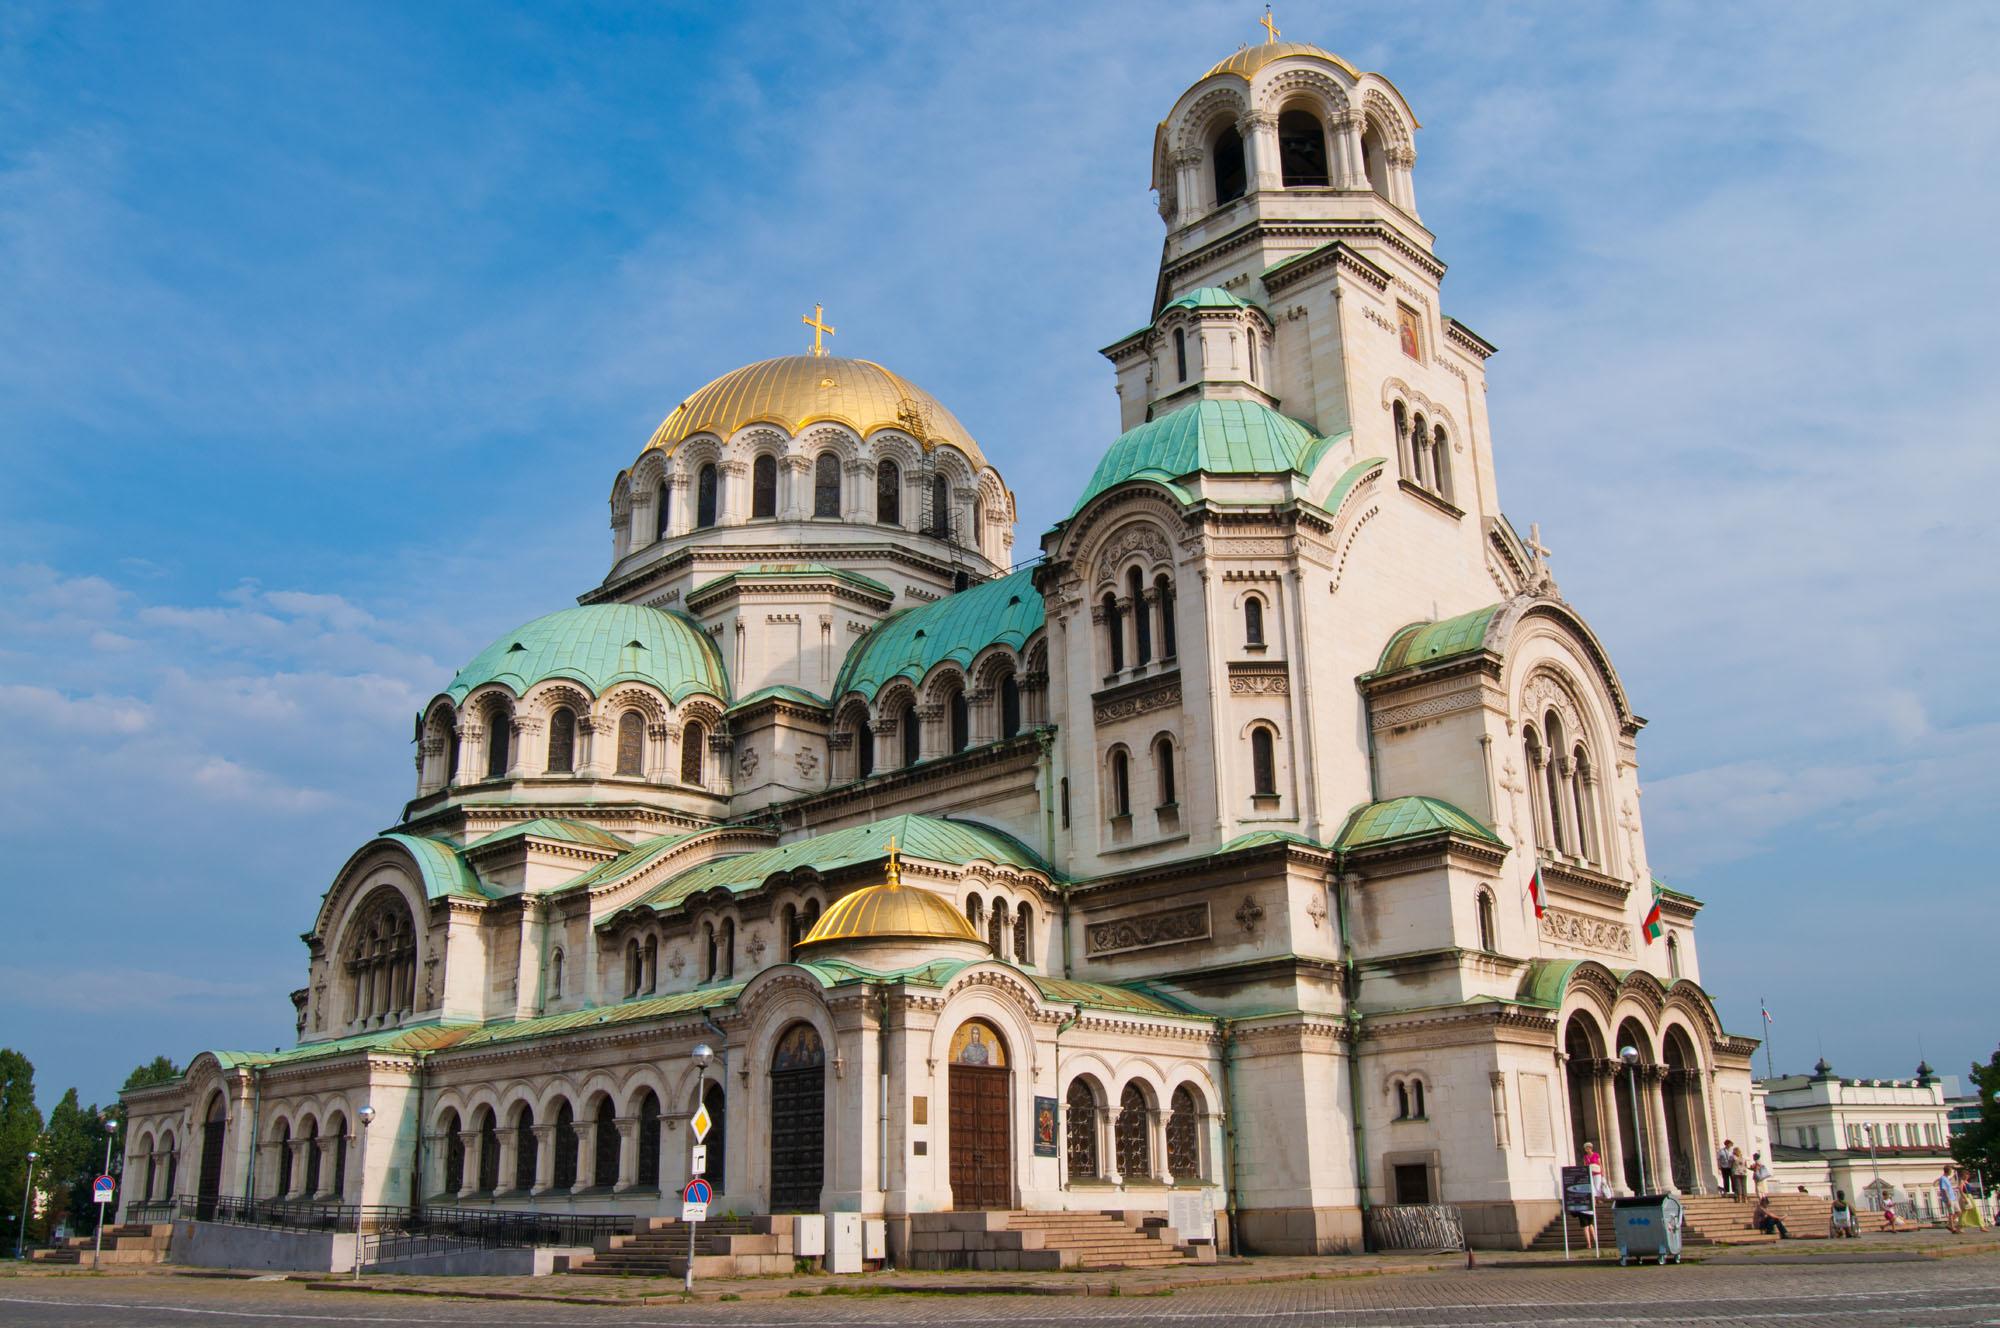 Σόφια Βουλγαρία, Γιατί να σπουδάσω Ιατρική στη Σόφια